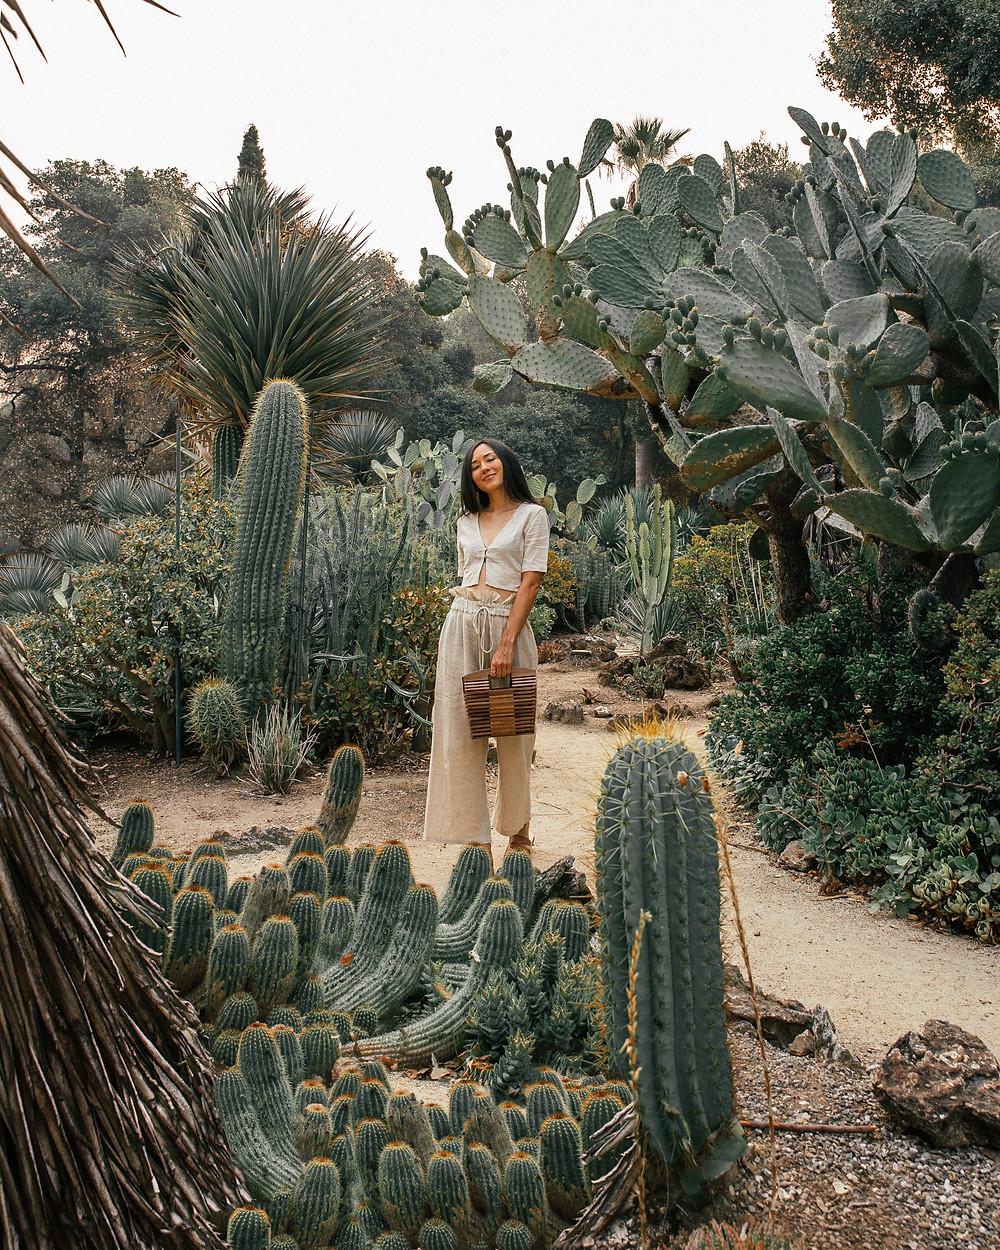 Arizona Cactus Garden, Stanford, Palto Alto, California